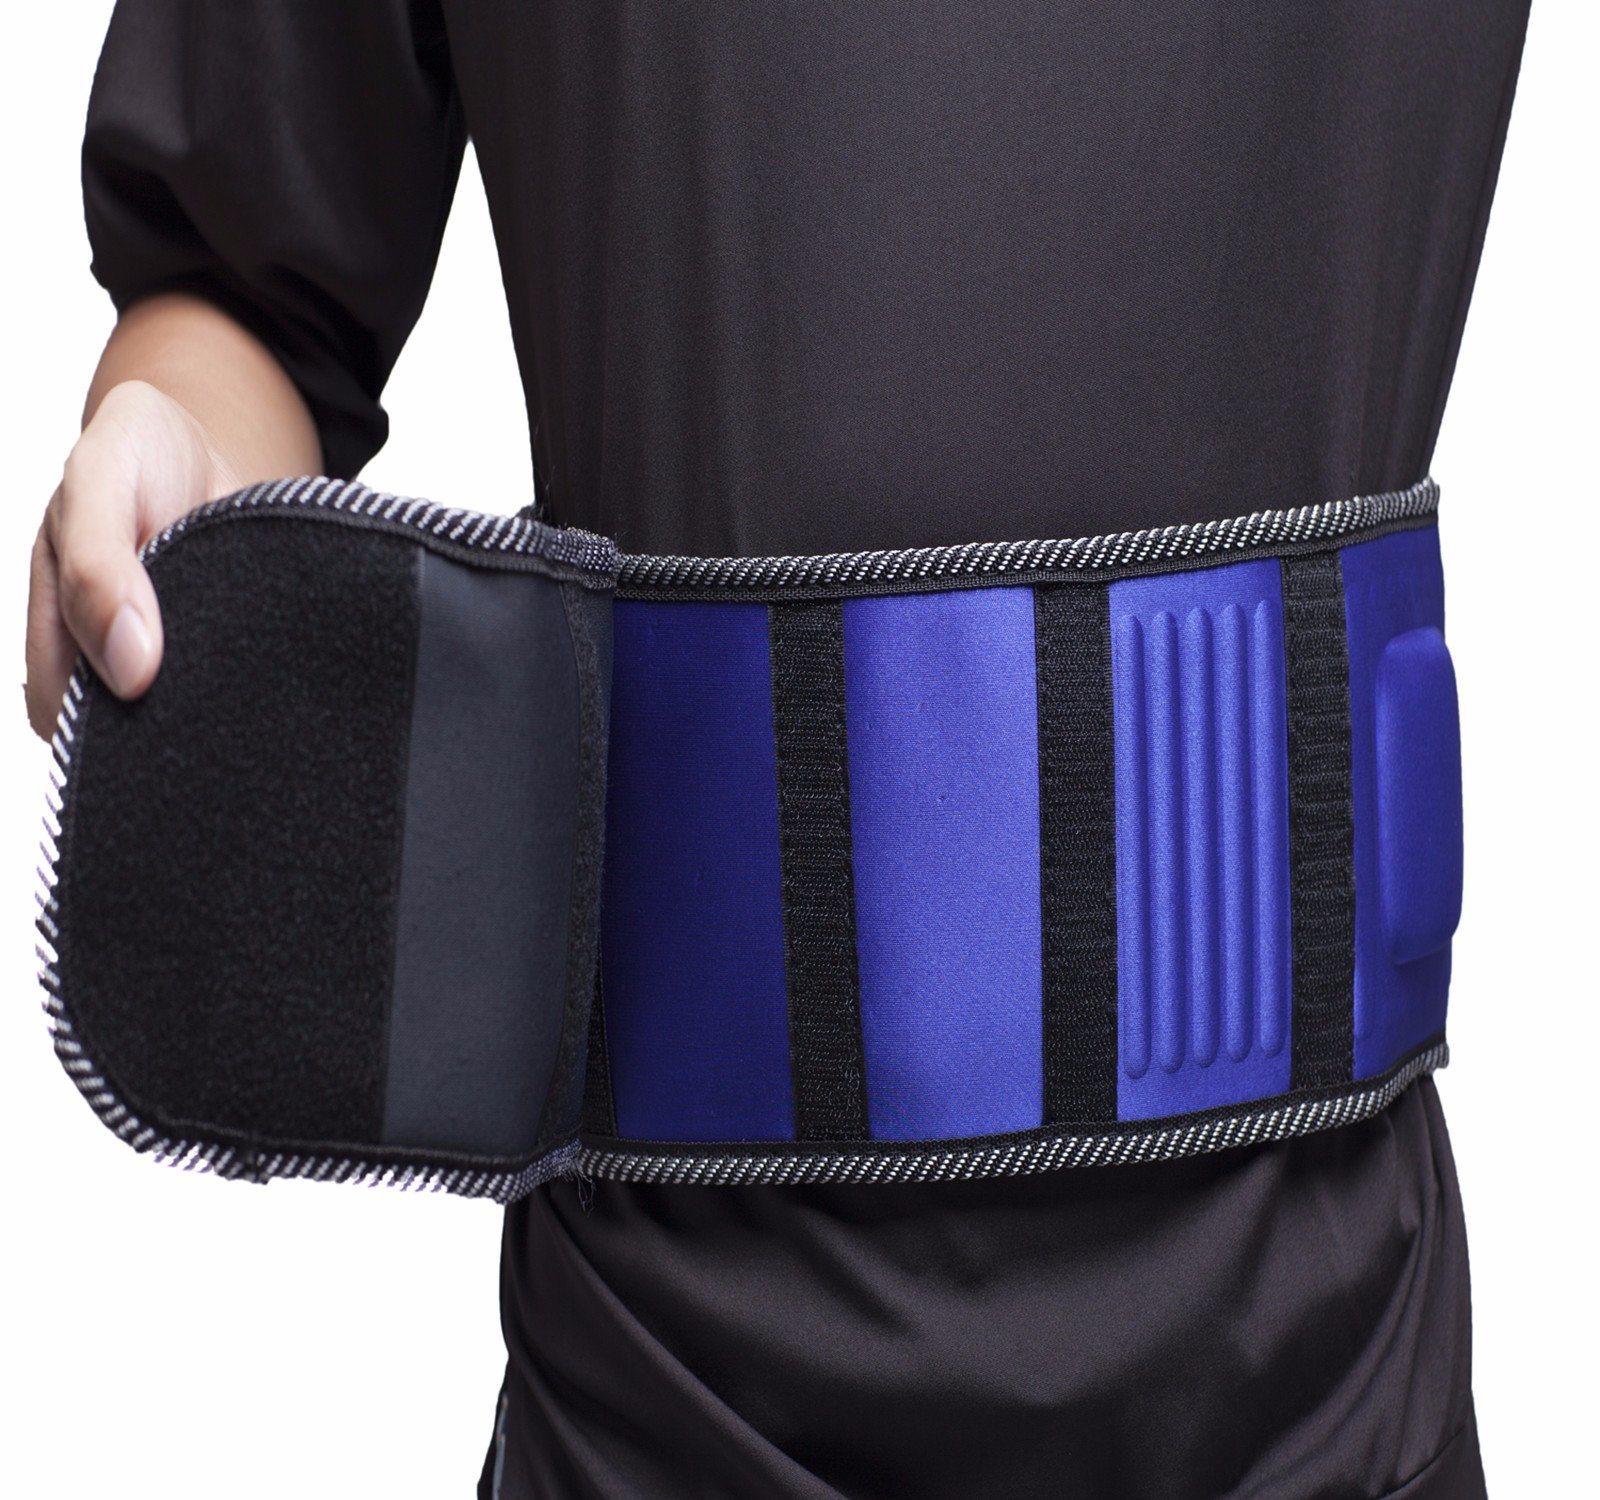 Waist Massage Belt